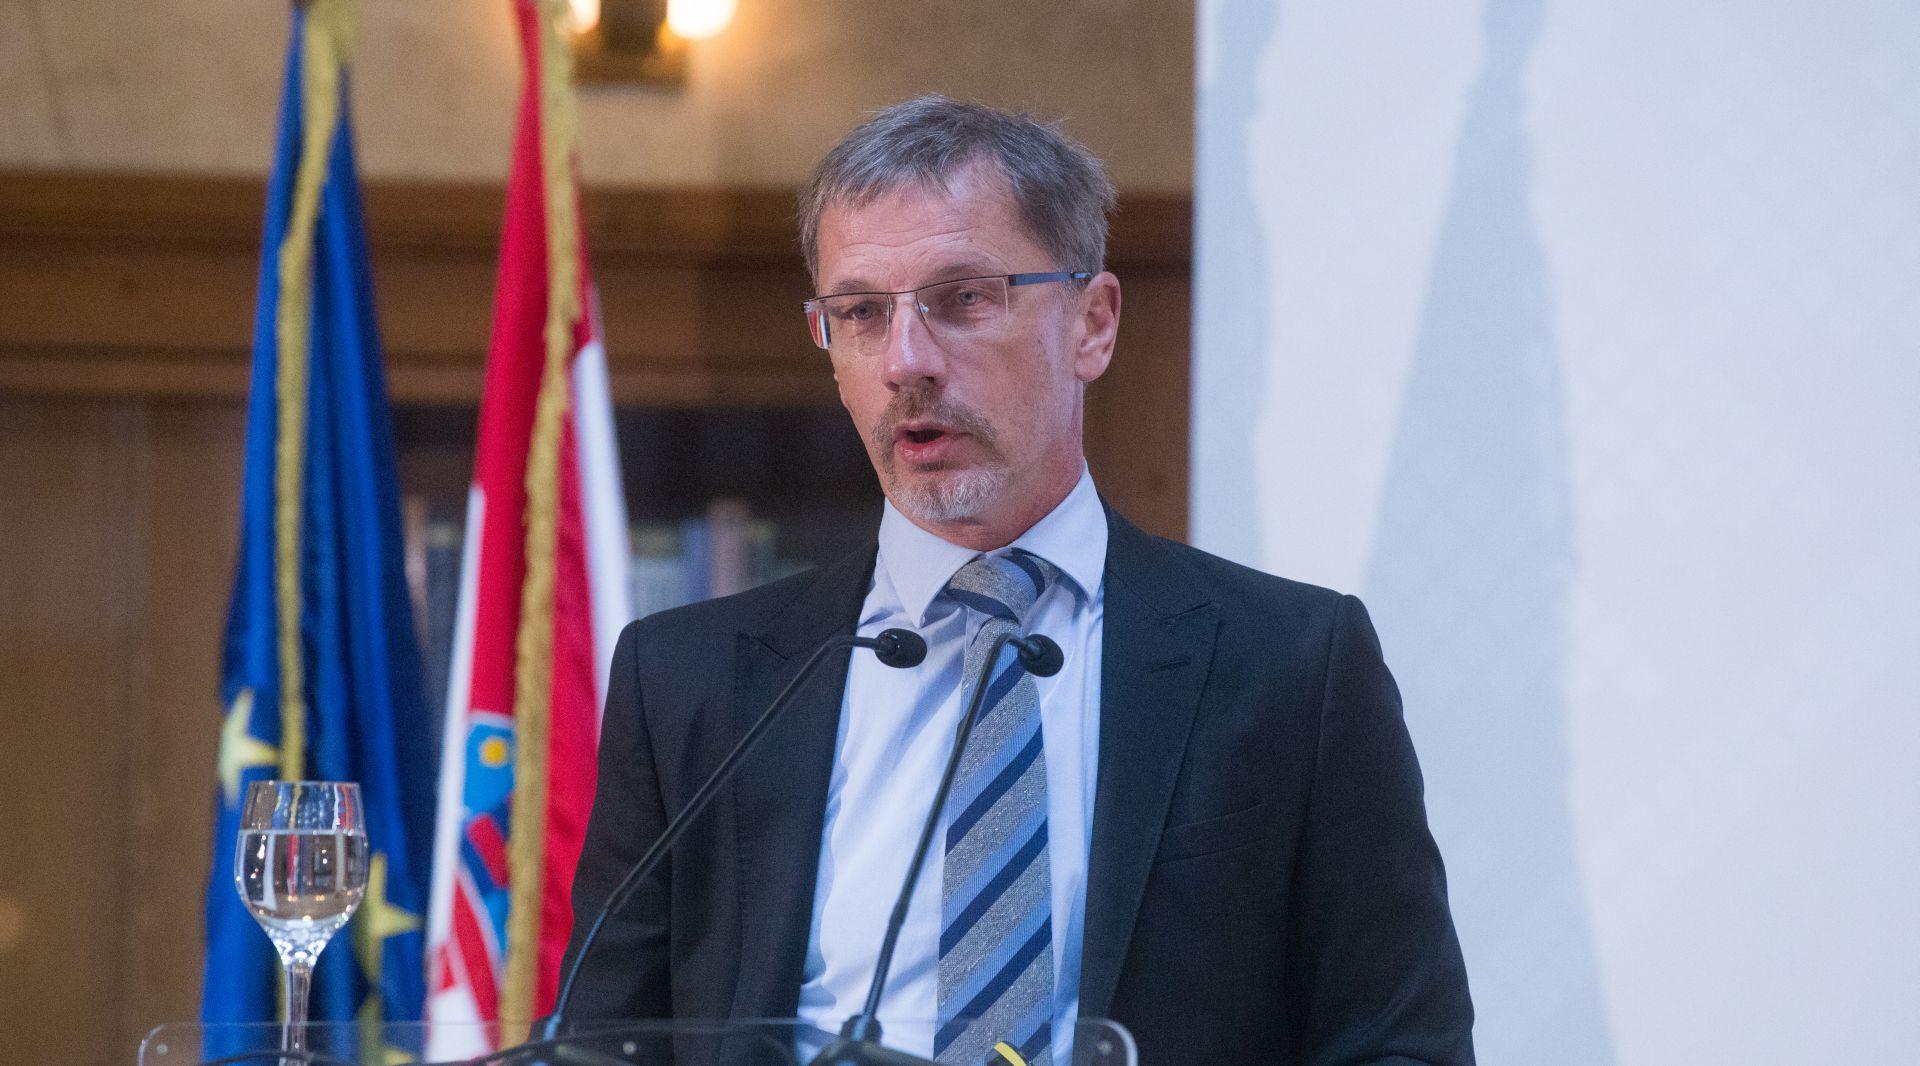 'Hrvatska će uvođenjem eura ostvariti značajne koristi'